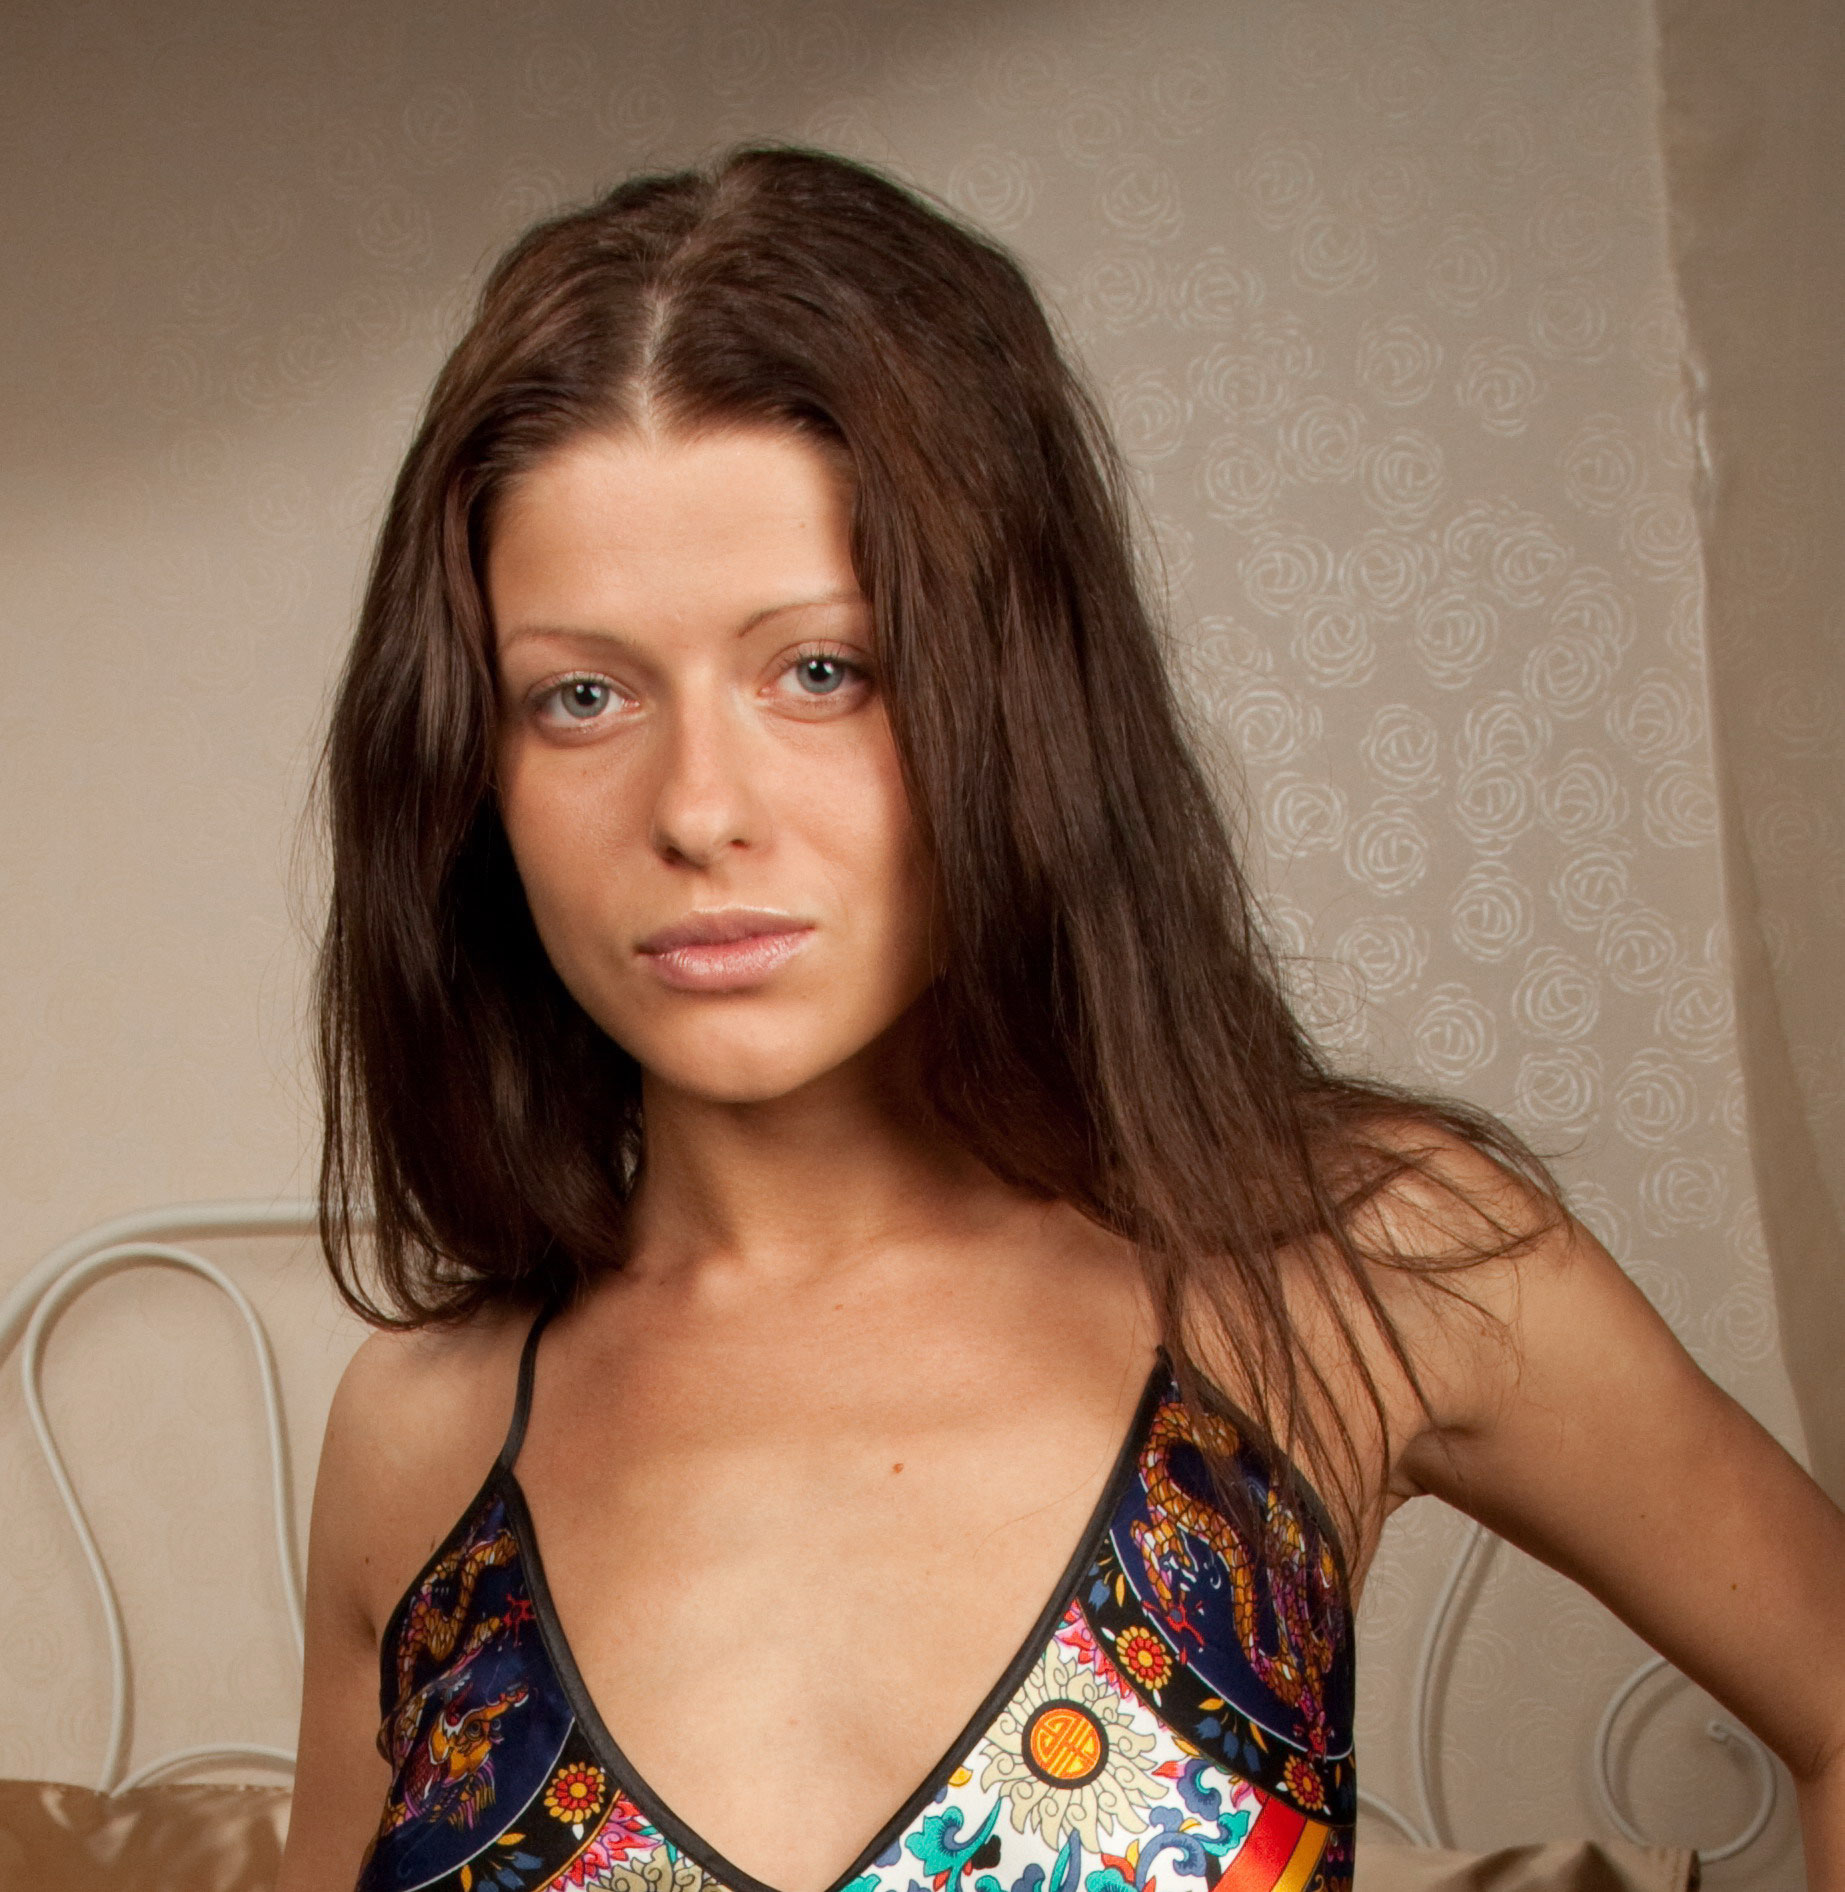 Голые актрисы светофор - Онлайн 18+ видео для истинных фанатов порно